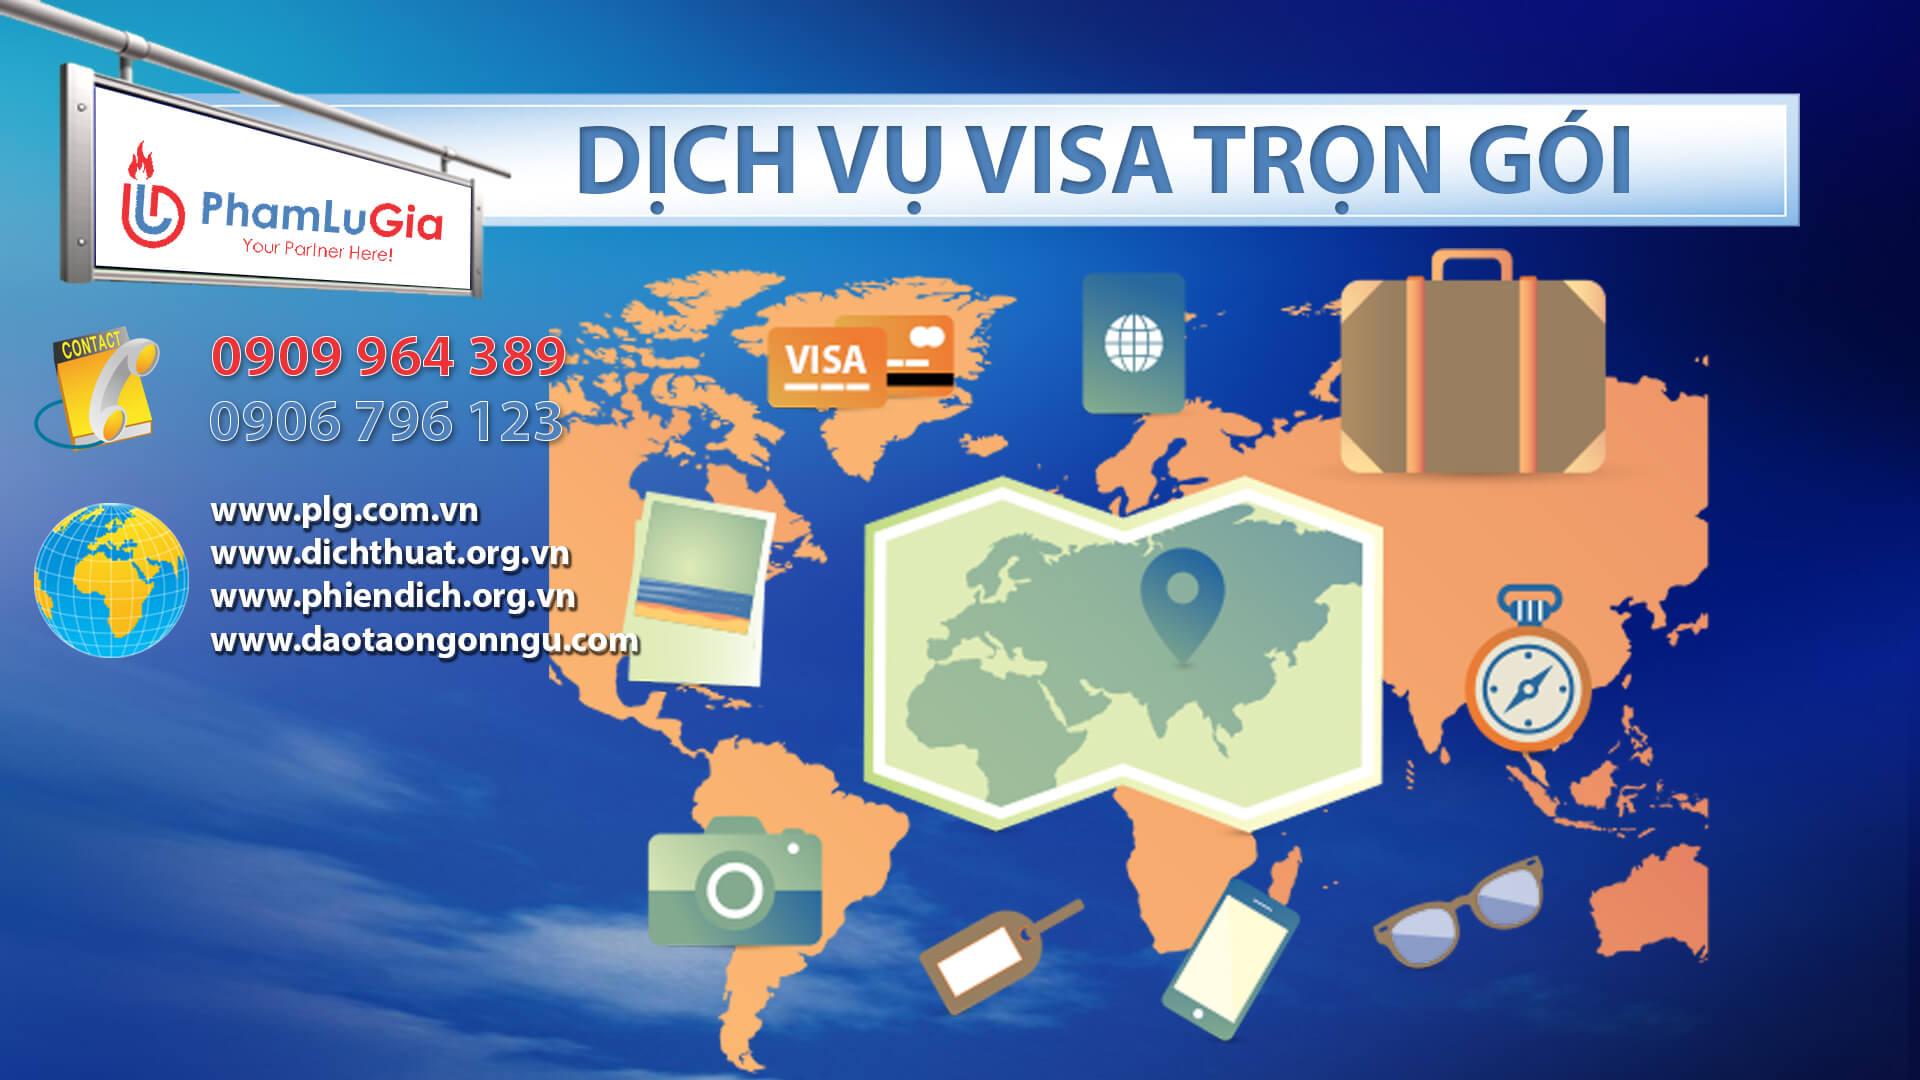 Dịch vụ visa xuất nhập cảnh trọn gói